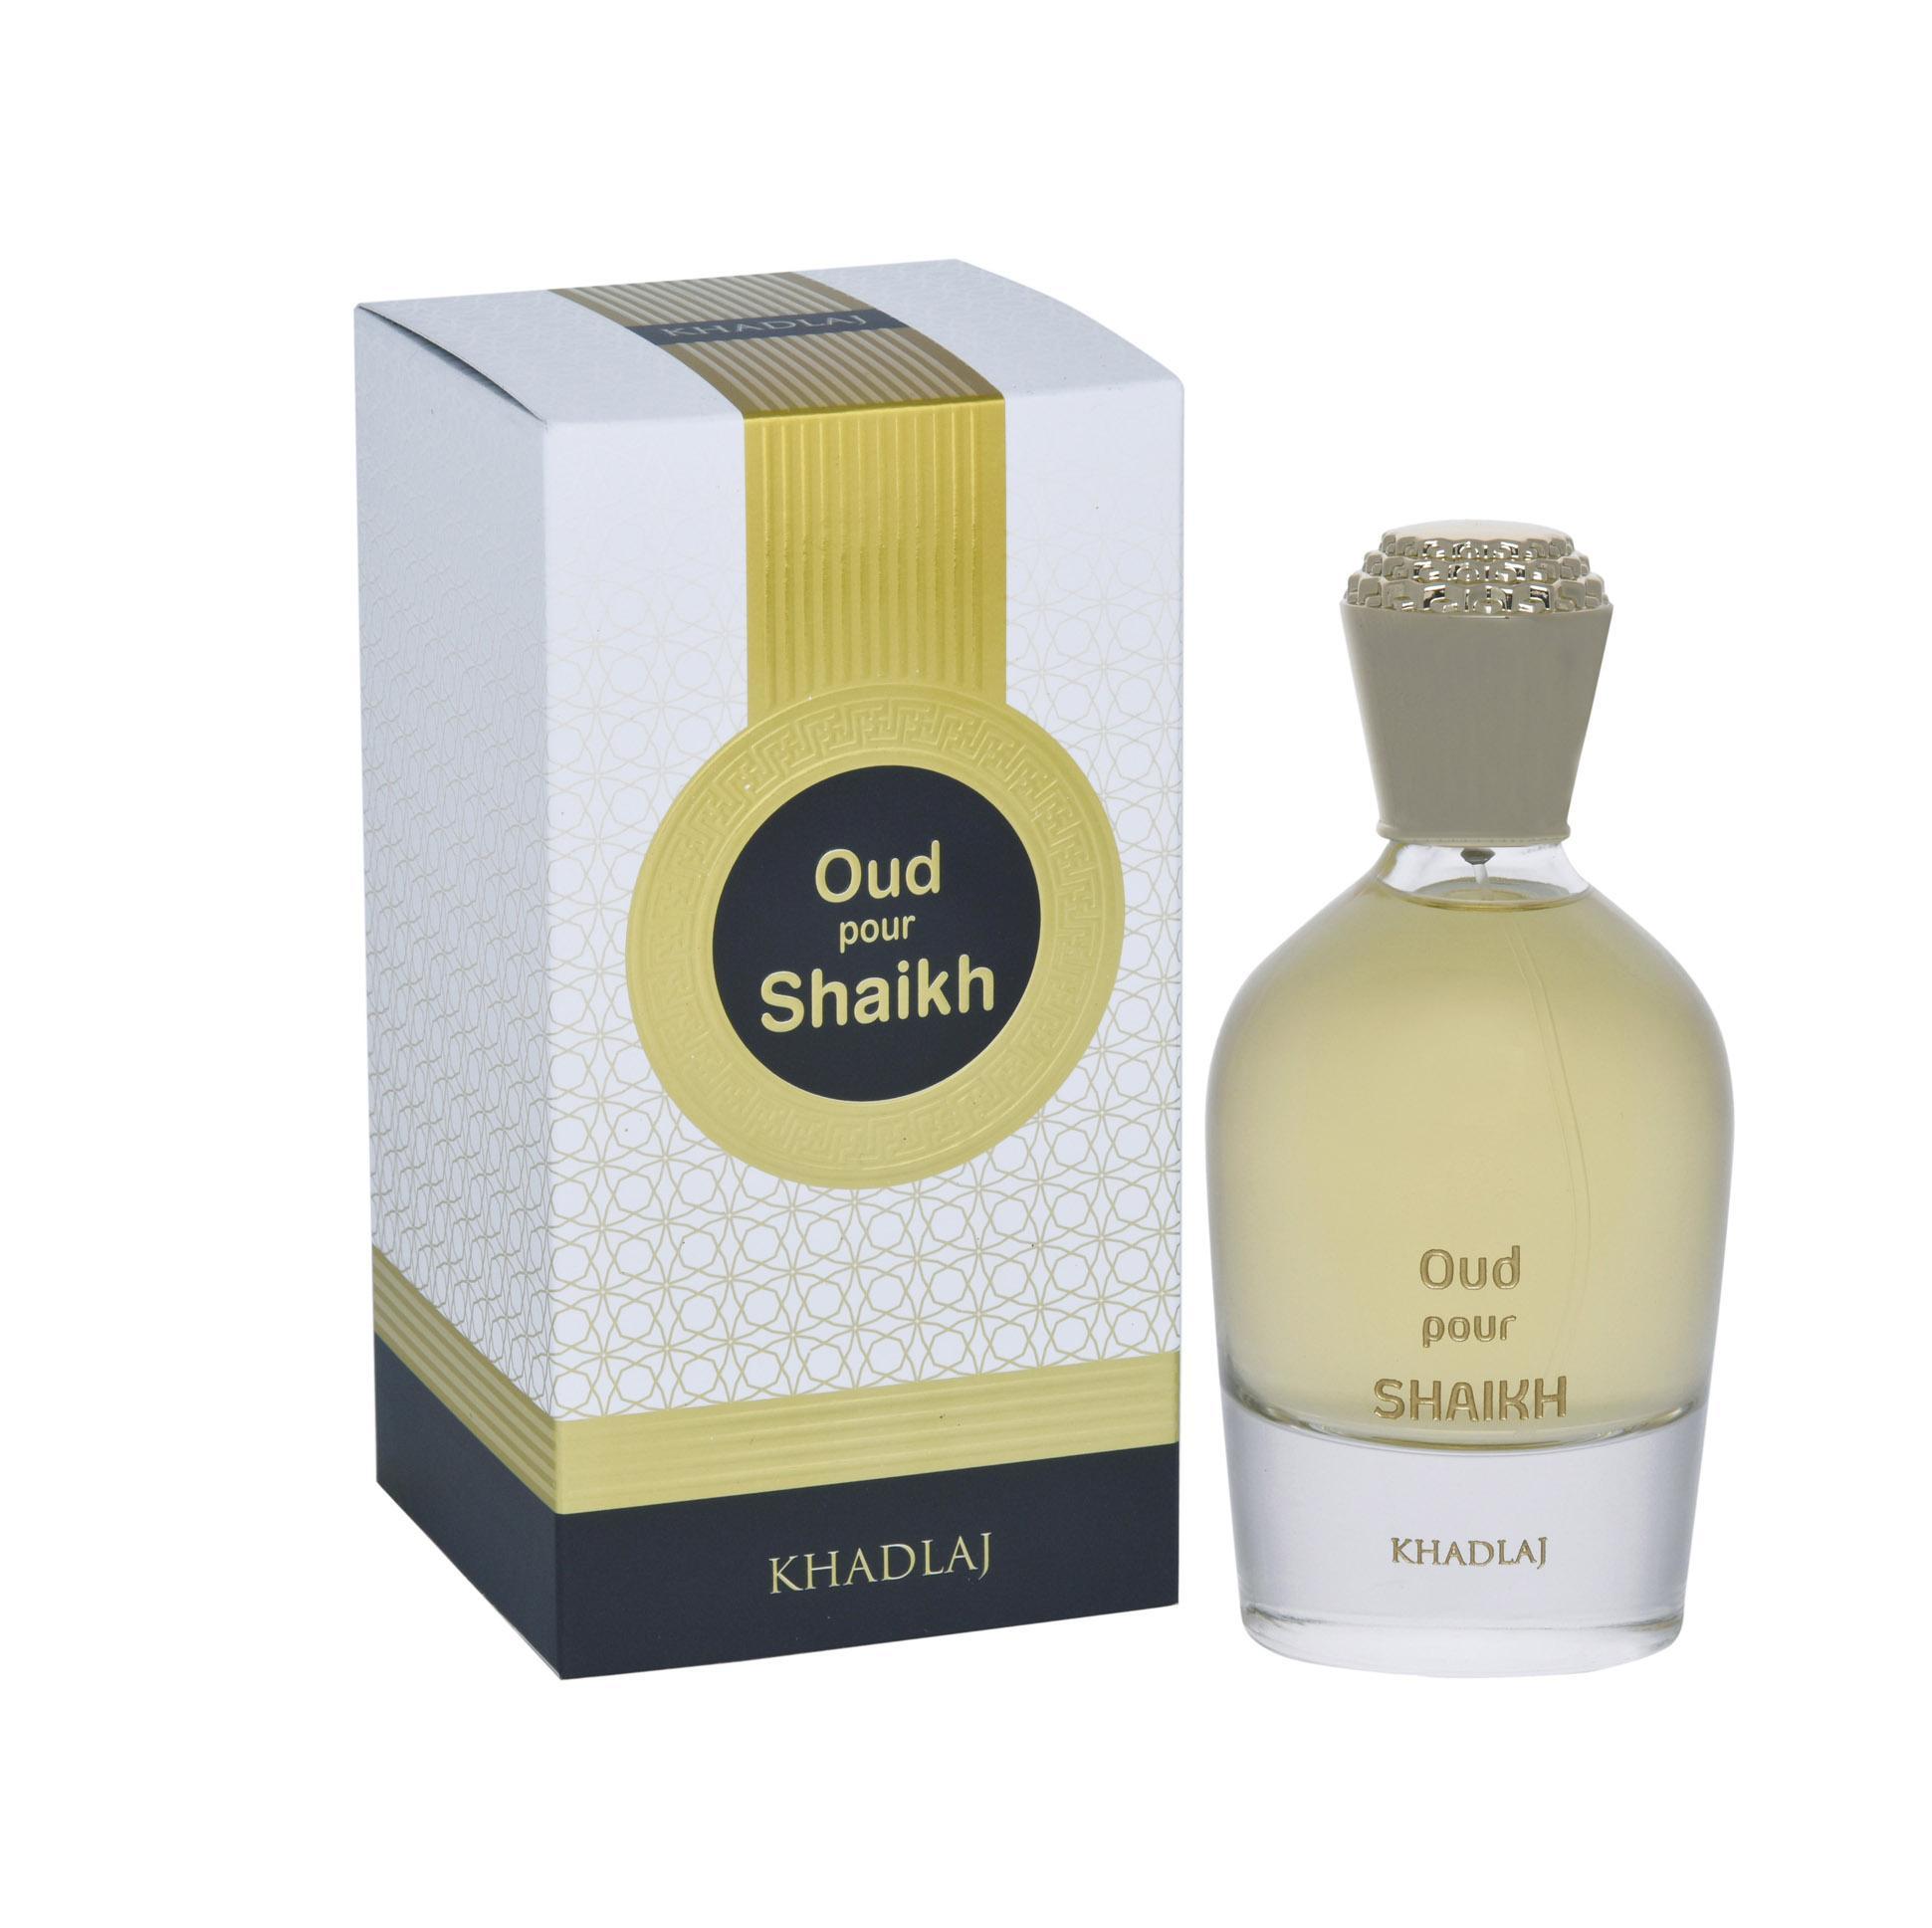 Khadlaj Oud Pour Shaikh For Men Eau de Parfum 100ml